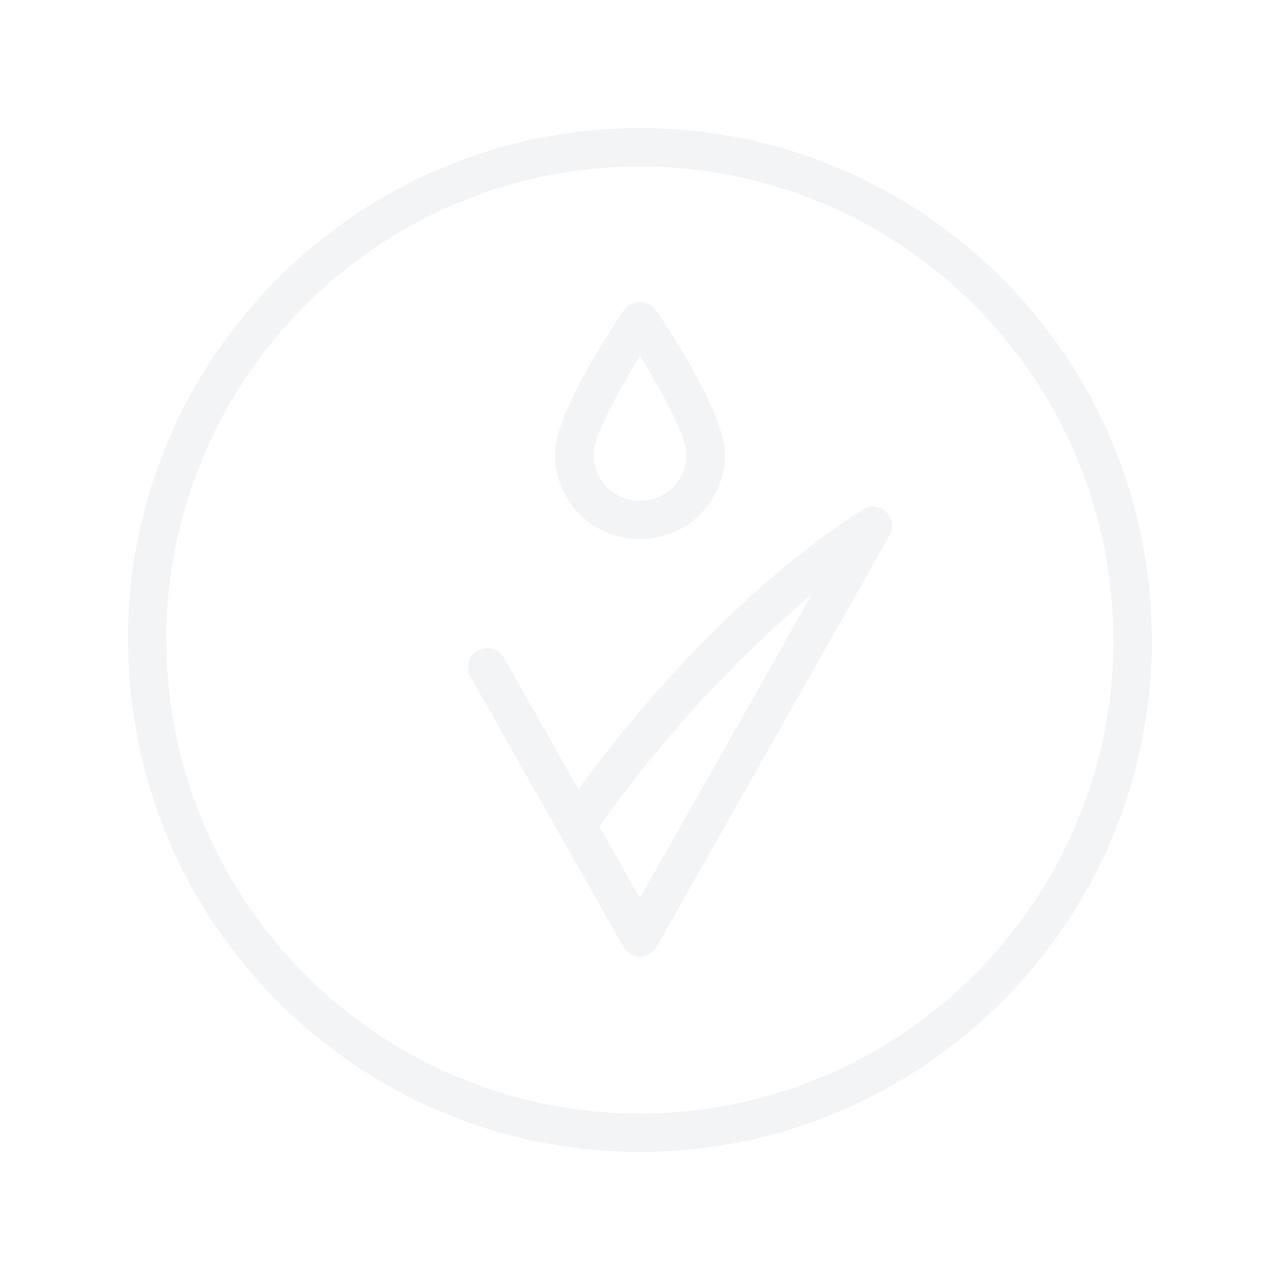 Calvin Klein Eternity Now Eau De Parfum